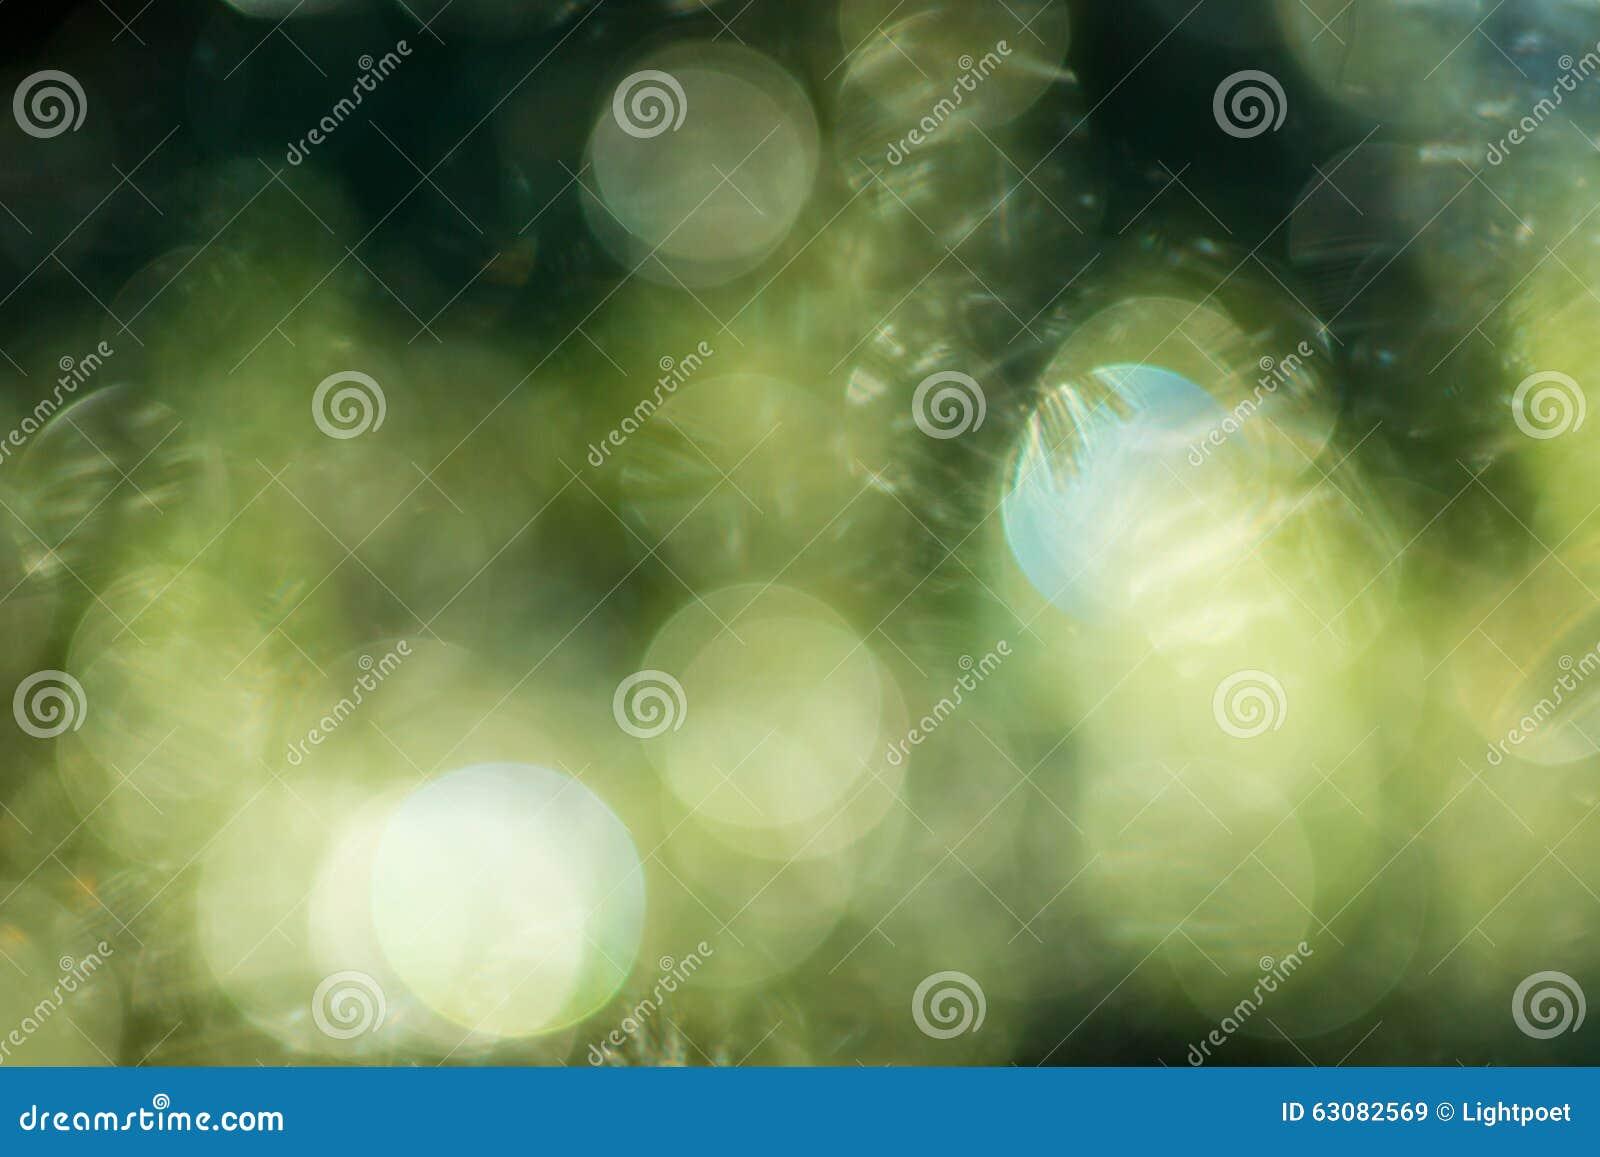 Download Fond vert image stock. Image du blur, contexte, lumière - 63082569